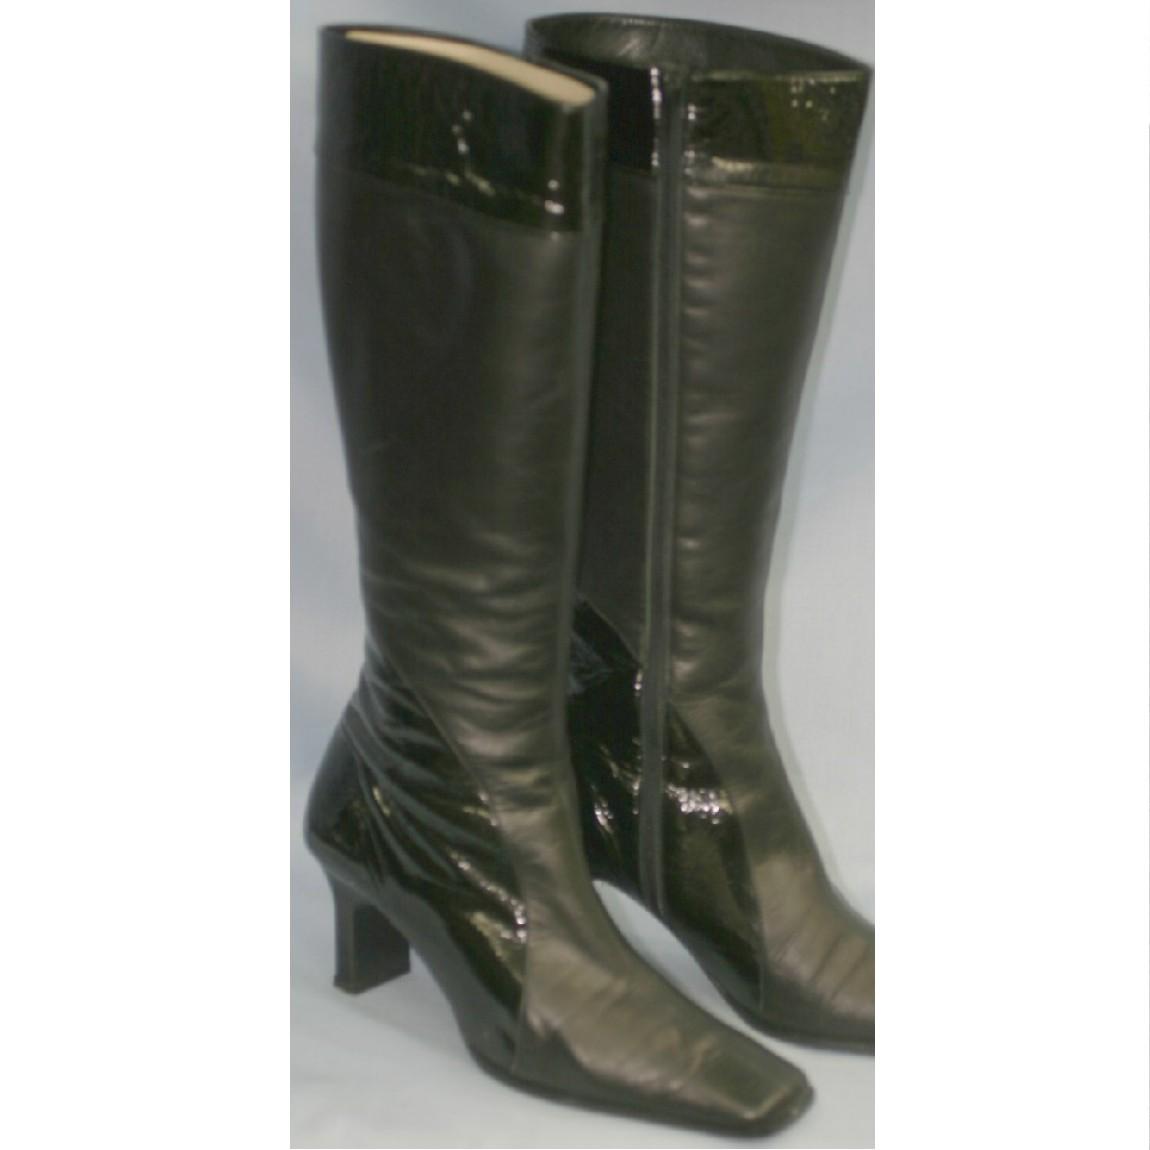 【中古】本物新品同様マークスリングMARKS RING女性用50400円24cmロングブーツ ○D7-55-2